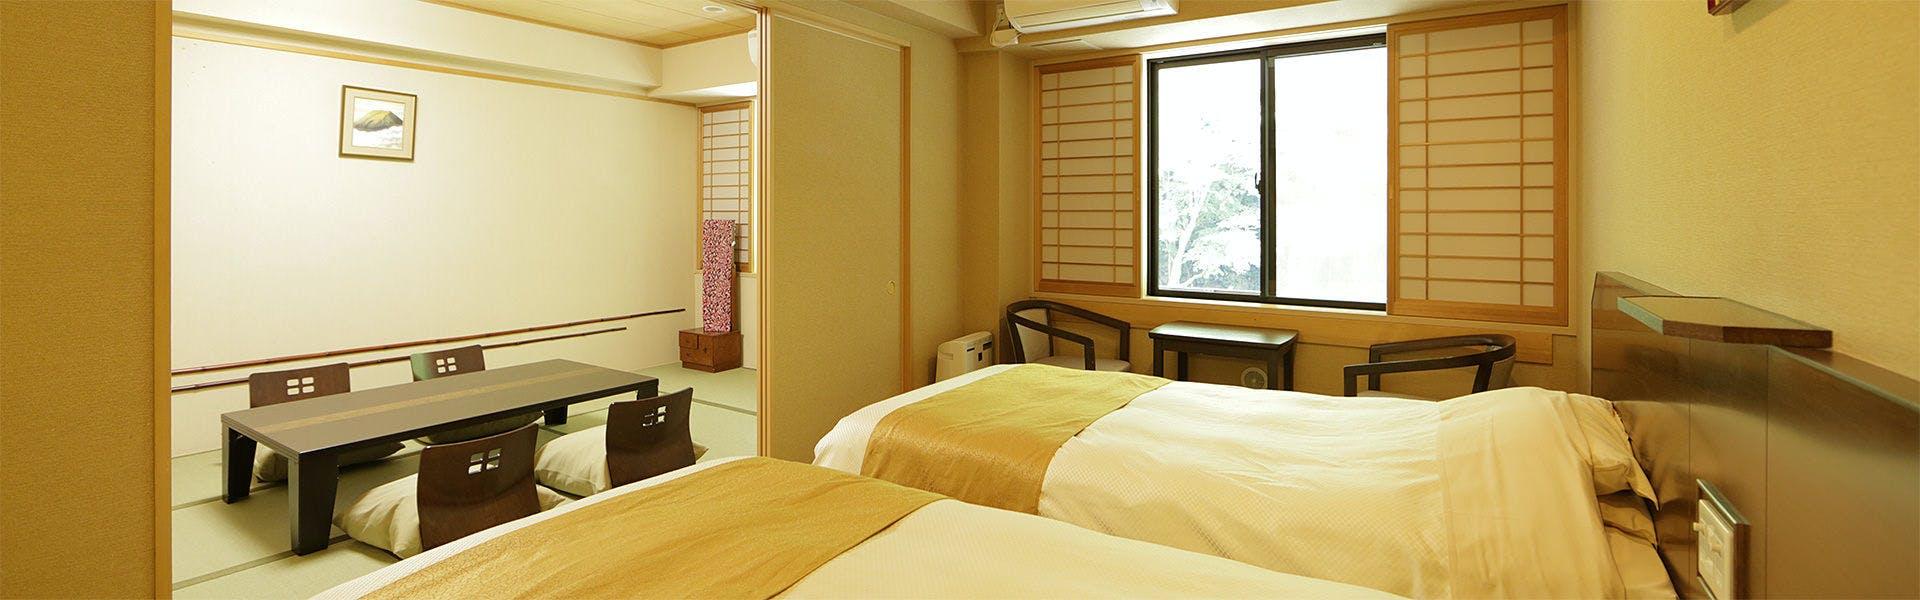 記念日におすすめのホテル・箱根湯本温泉 天成園の写真3